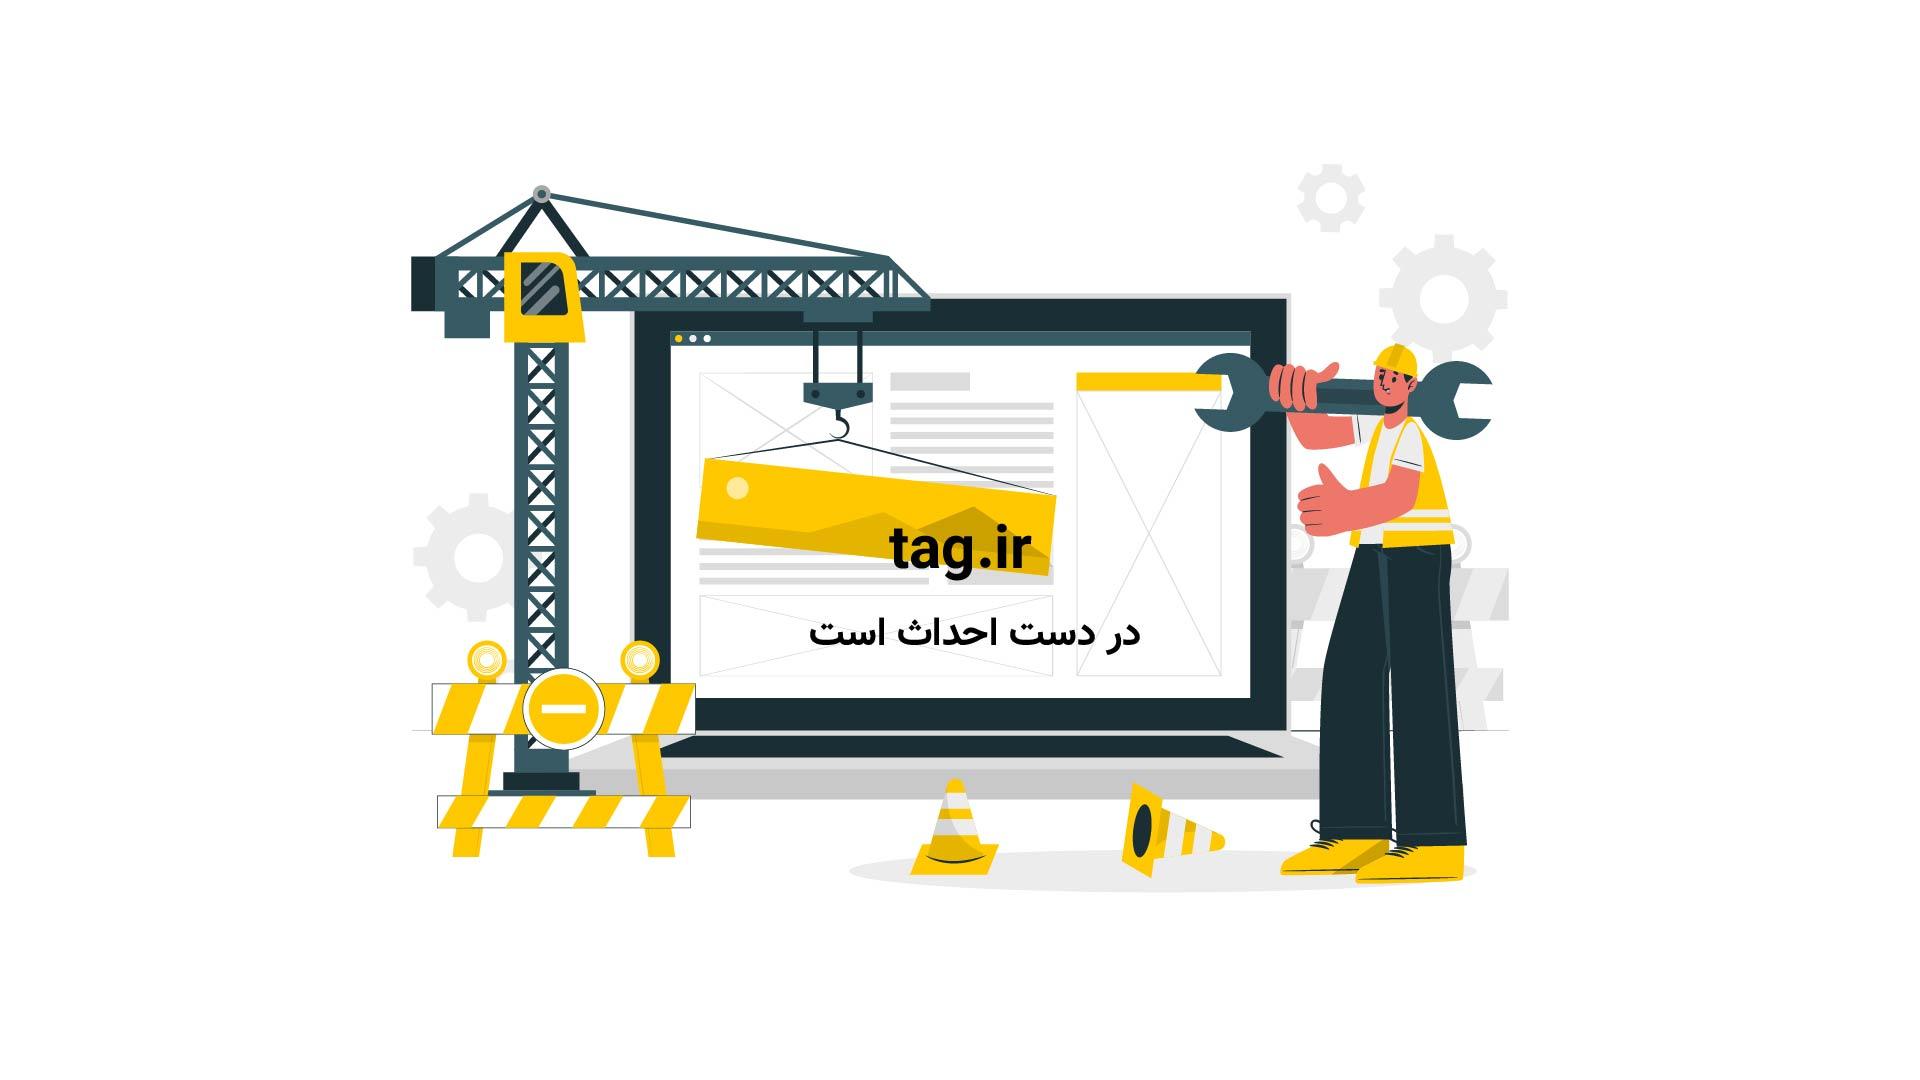 تکنیک نقاشی اکریلیک؛ آموزش کشیدن کهکشان | فیلم